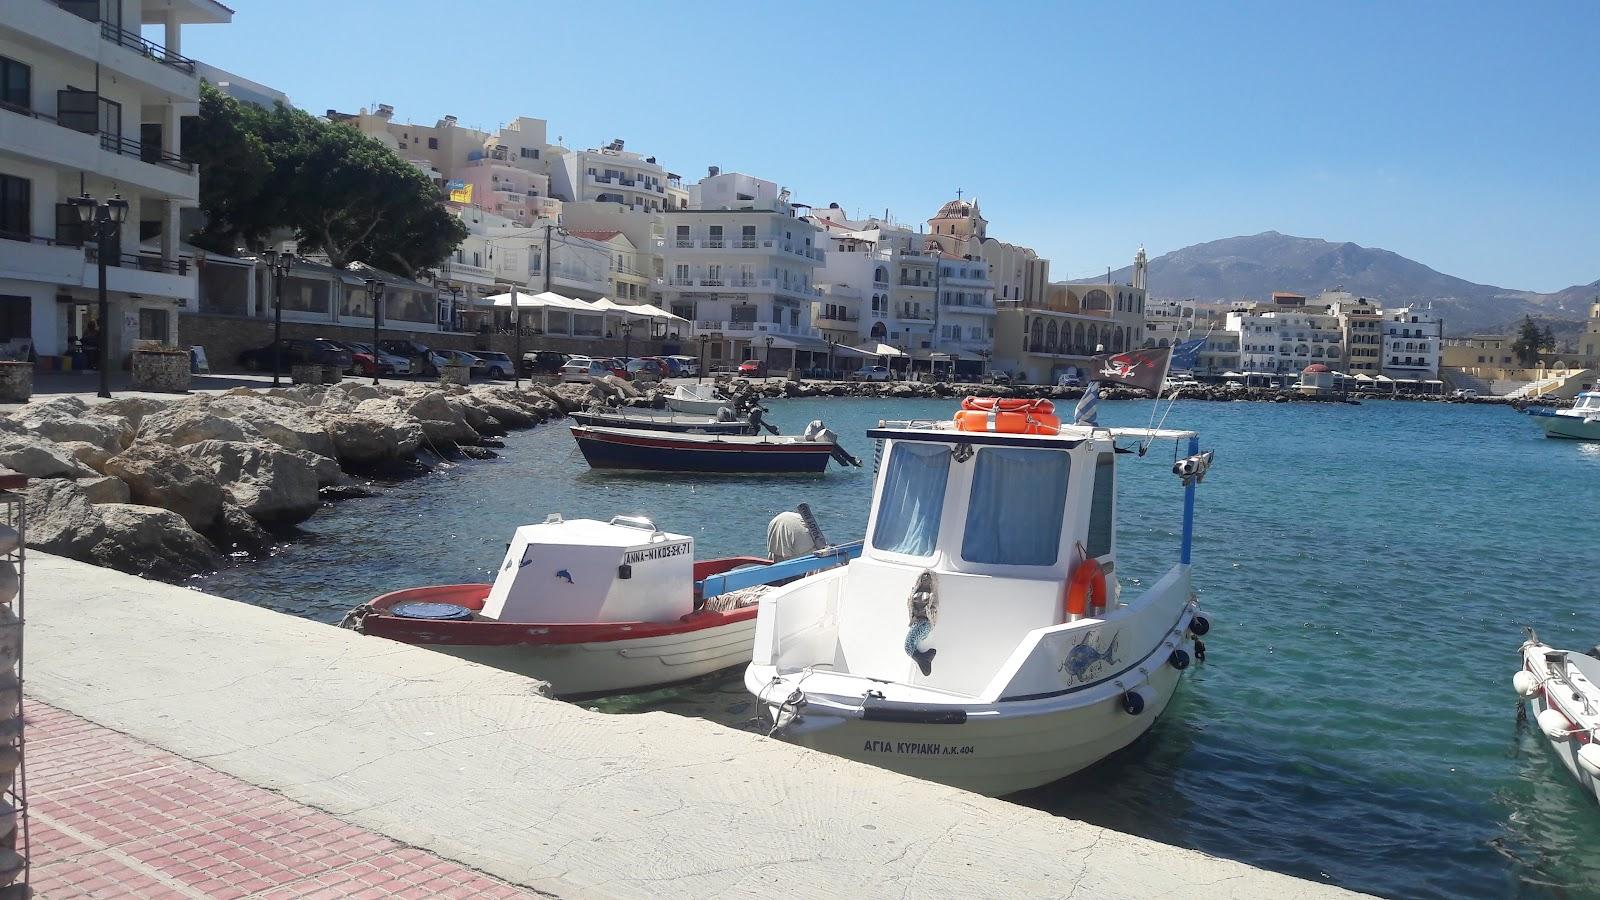 איי יוון אוכל יווני המלצות אטרקציות למטייל טיול משפחה זוגות לאן לטוס אחרי הקורונה מדינות ירוקות קרפתוס